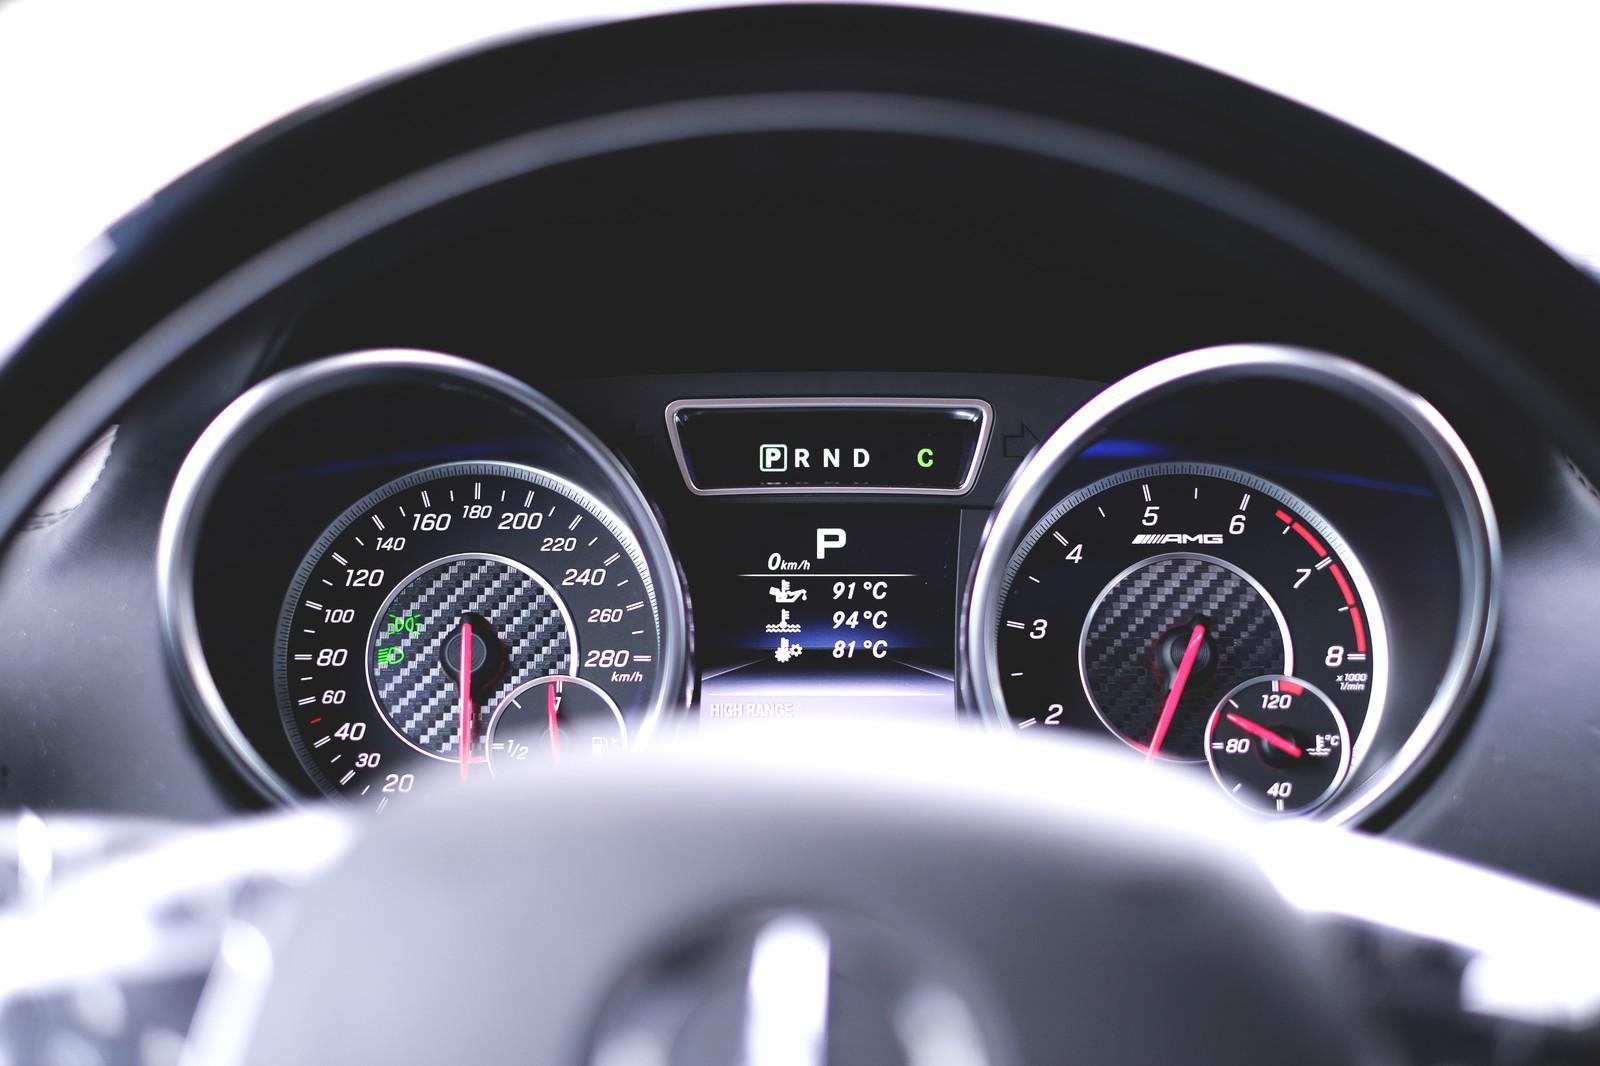 自動車整備士の転職は有利!将来性と高収入を得る転職方法公開